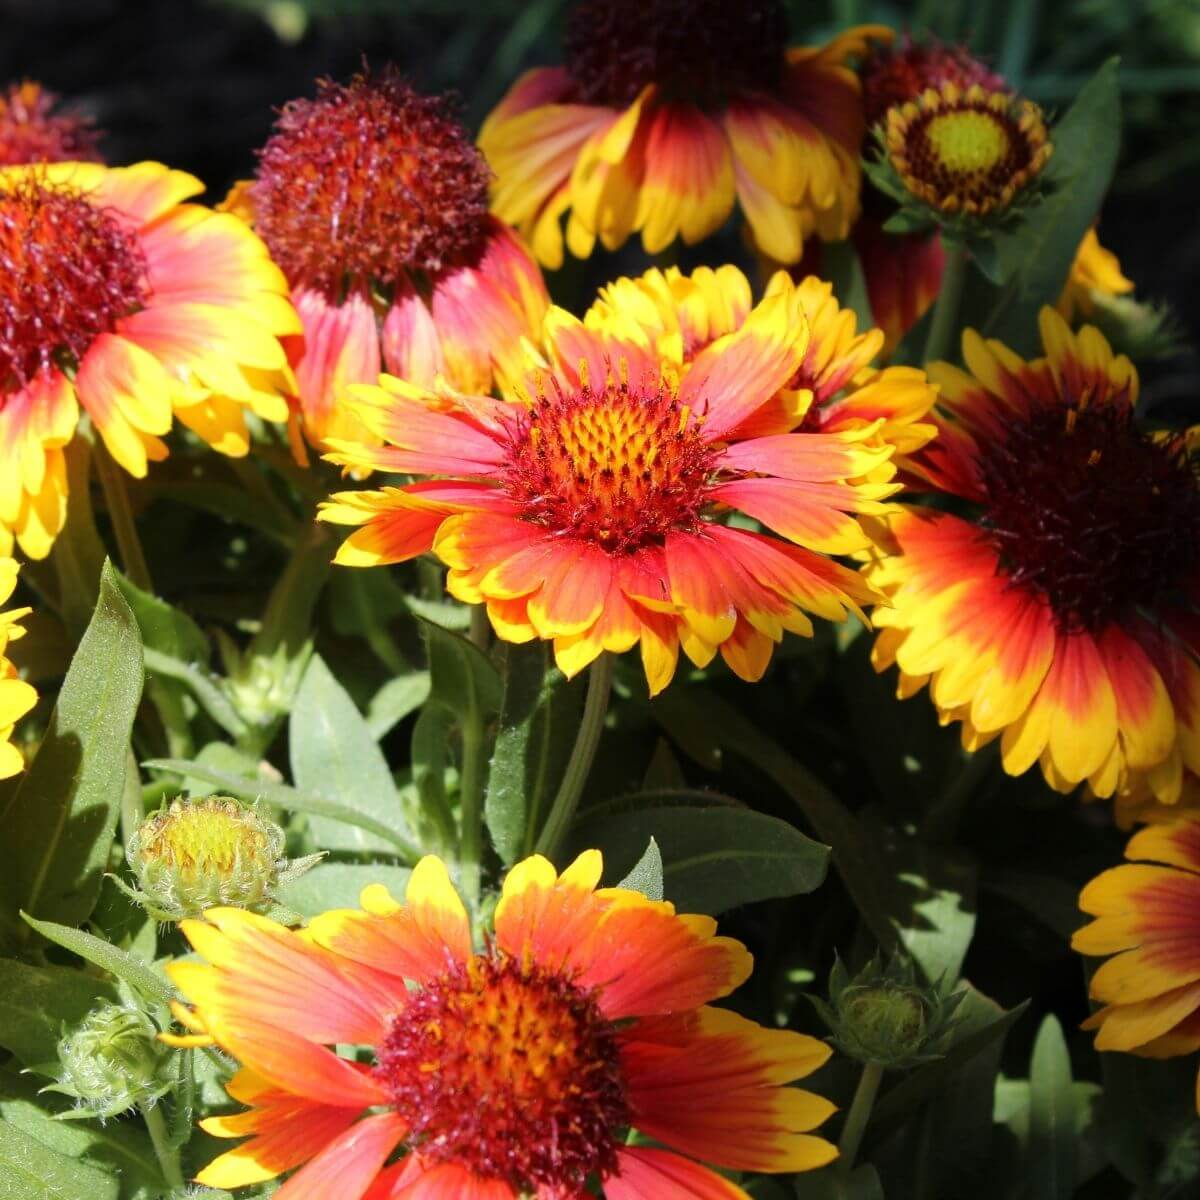 Blanket Flowers in the garden.